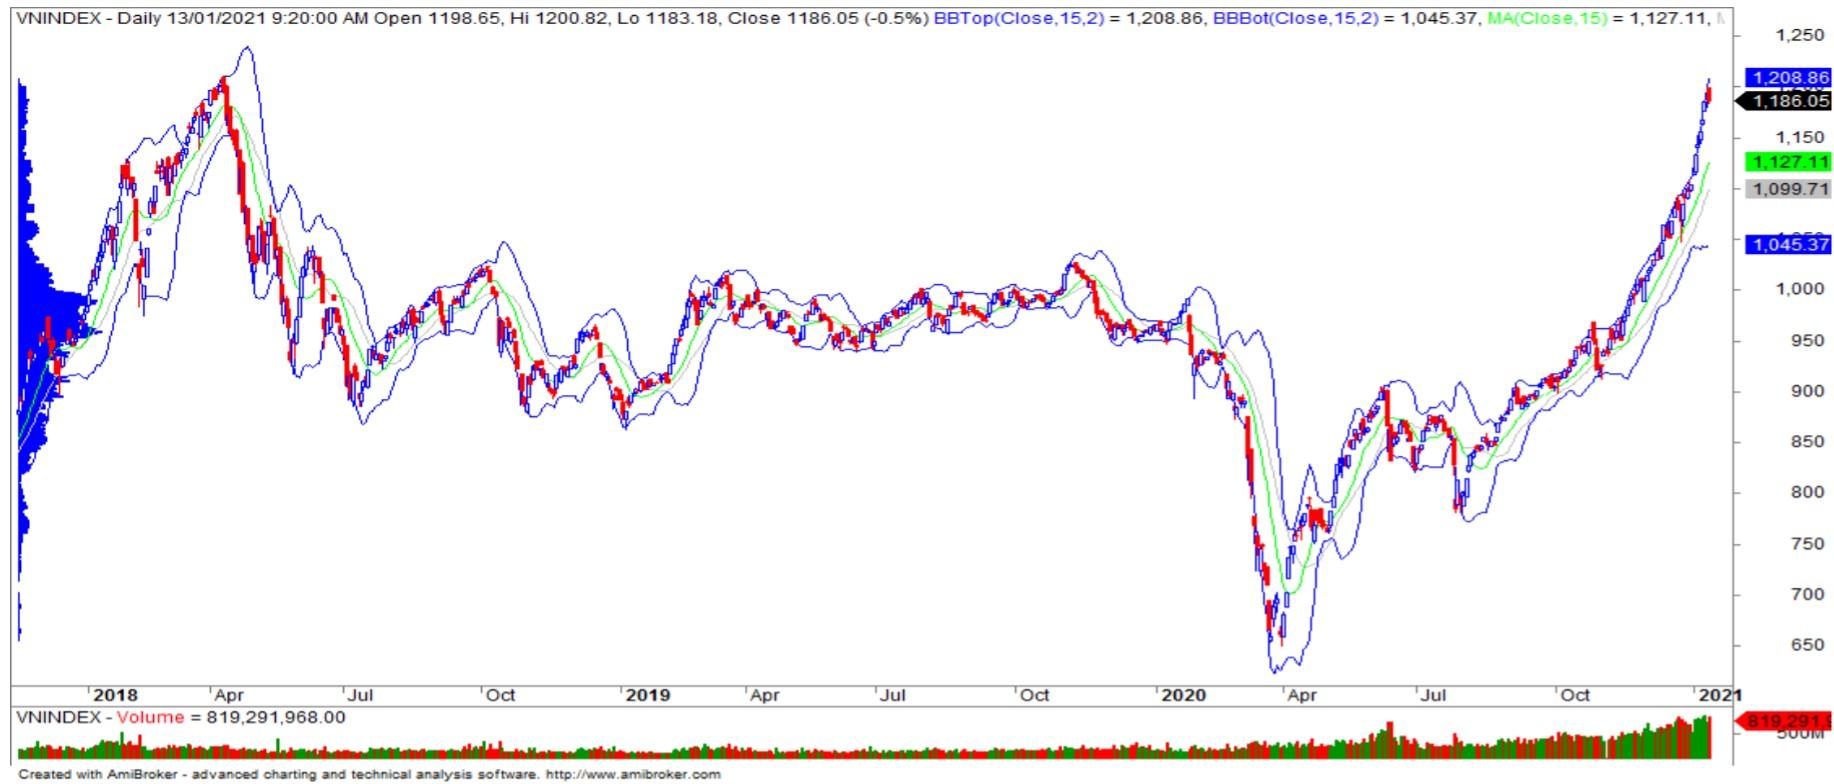 Nhận định thị trường chứng khoán ngày 14/1: Kiểm định lại vùng kháng cự 1.200 - 1.220 điểm - Ảnh 1.